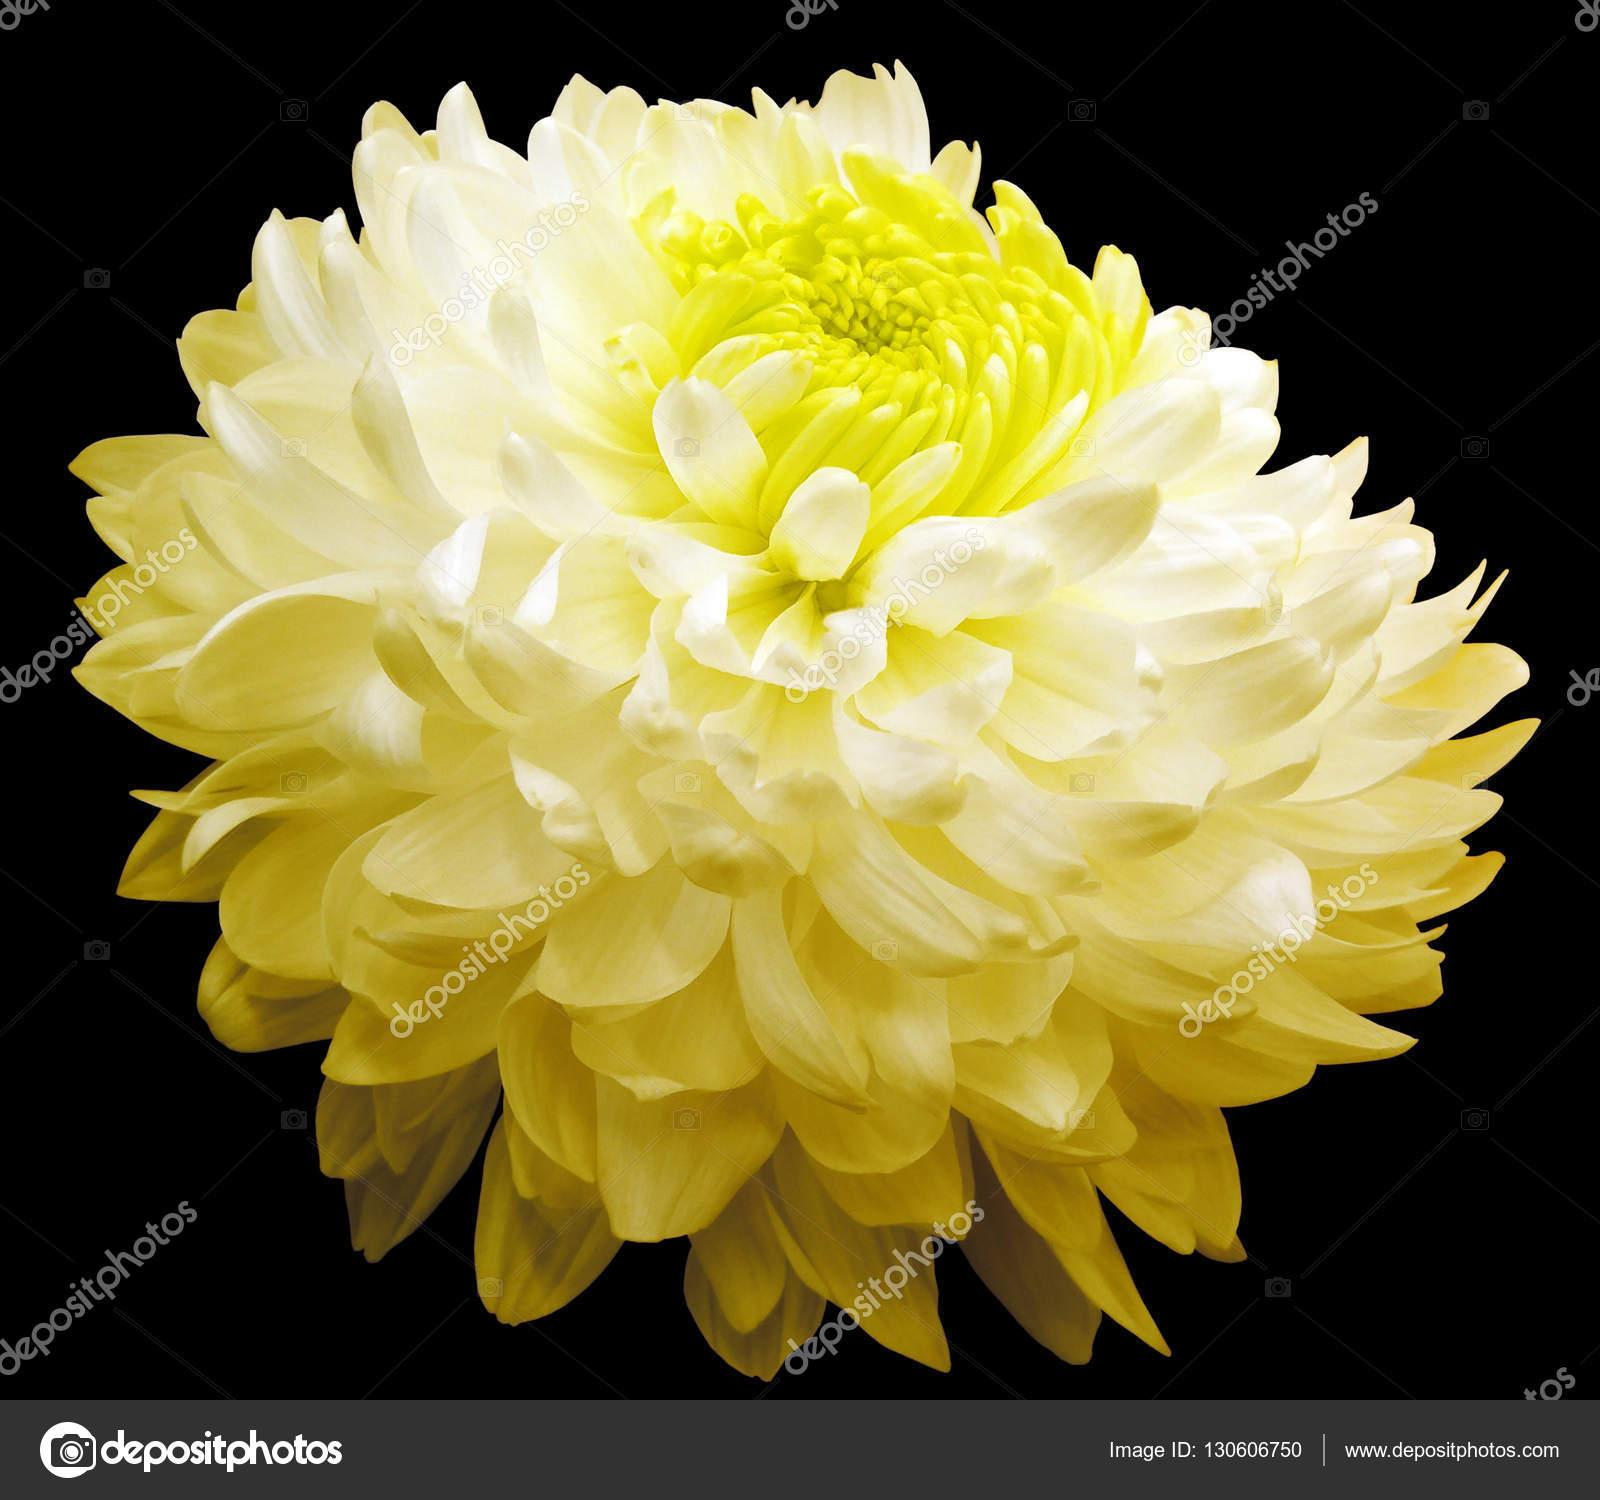 White Yellow Chrysanthemum Flower Yellow Center Black Background